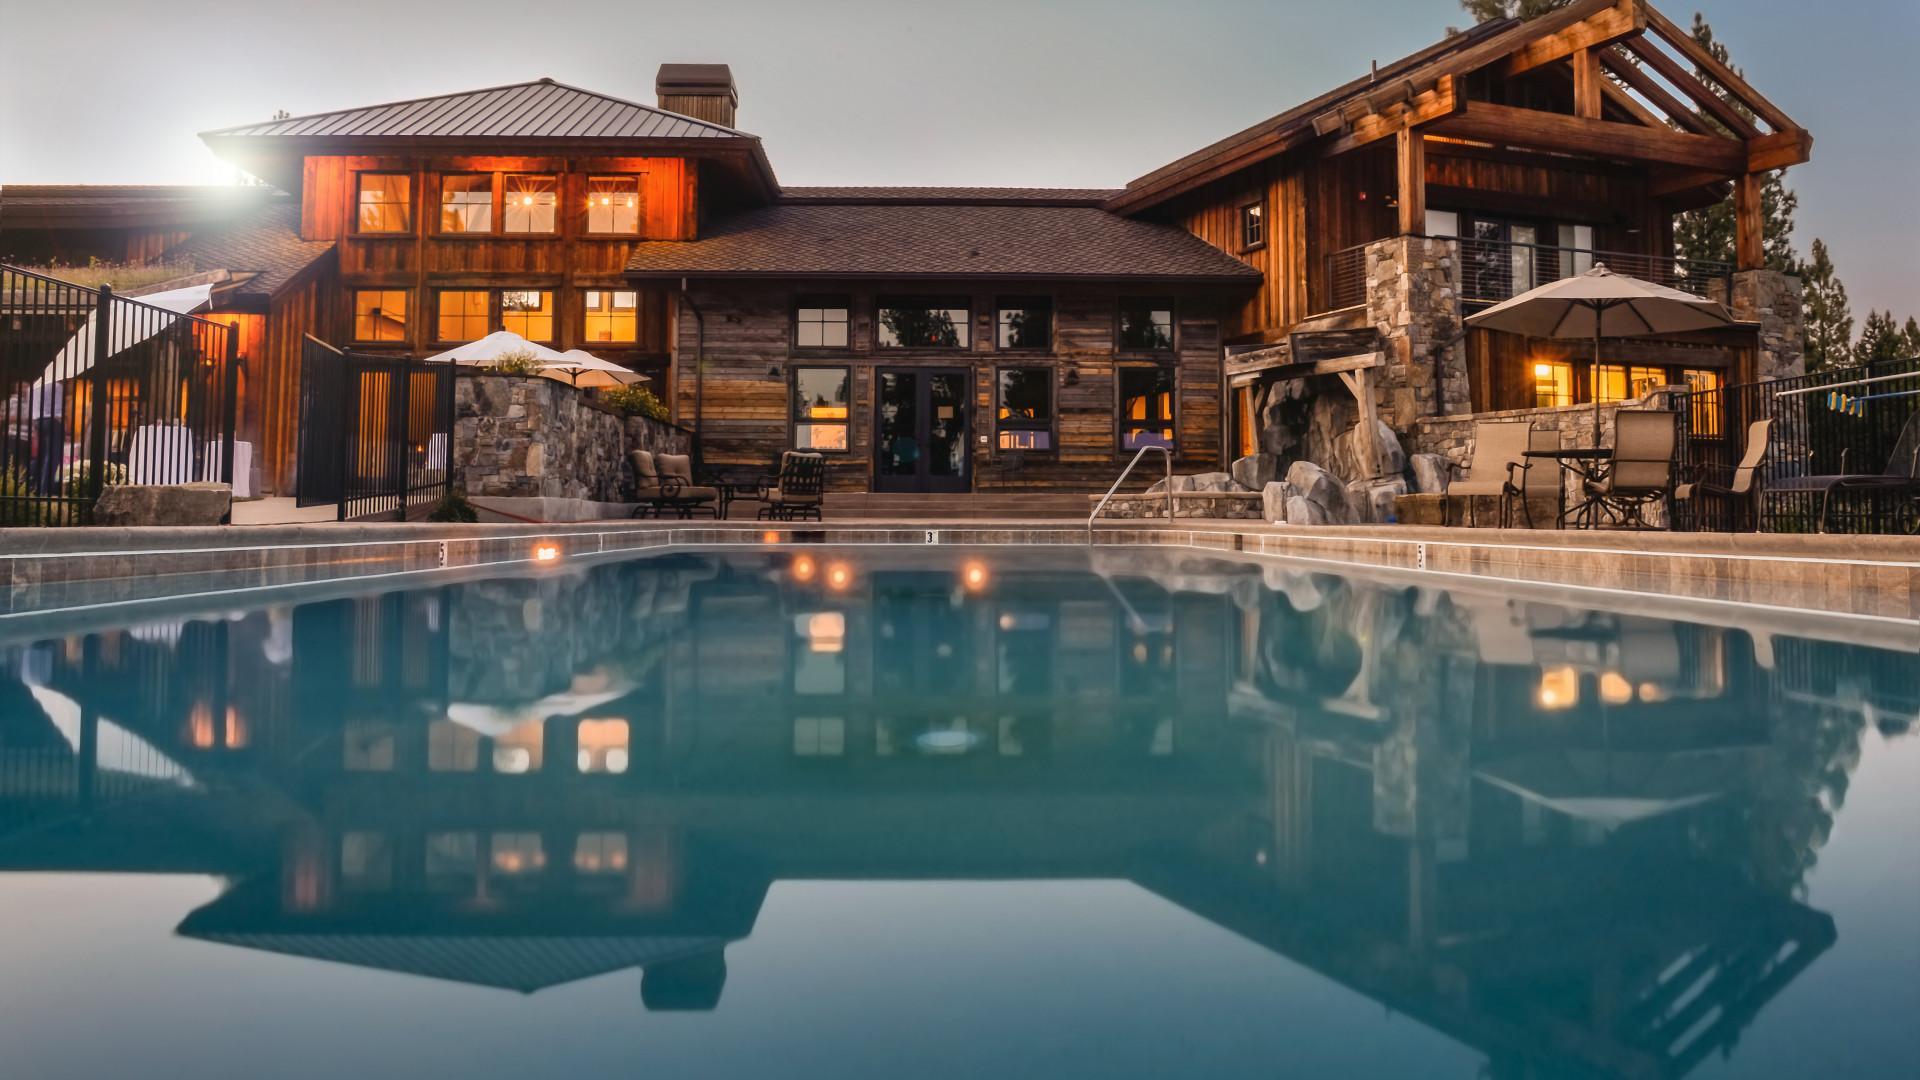 Une maison construite selon vos exigences tout en restant économique